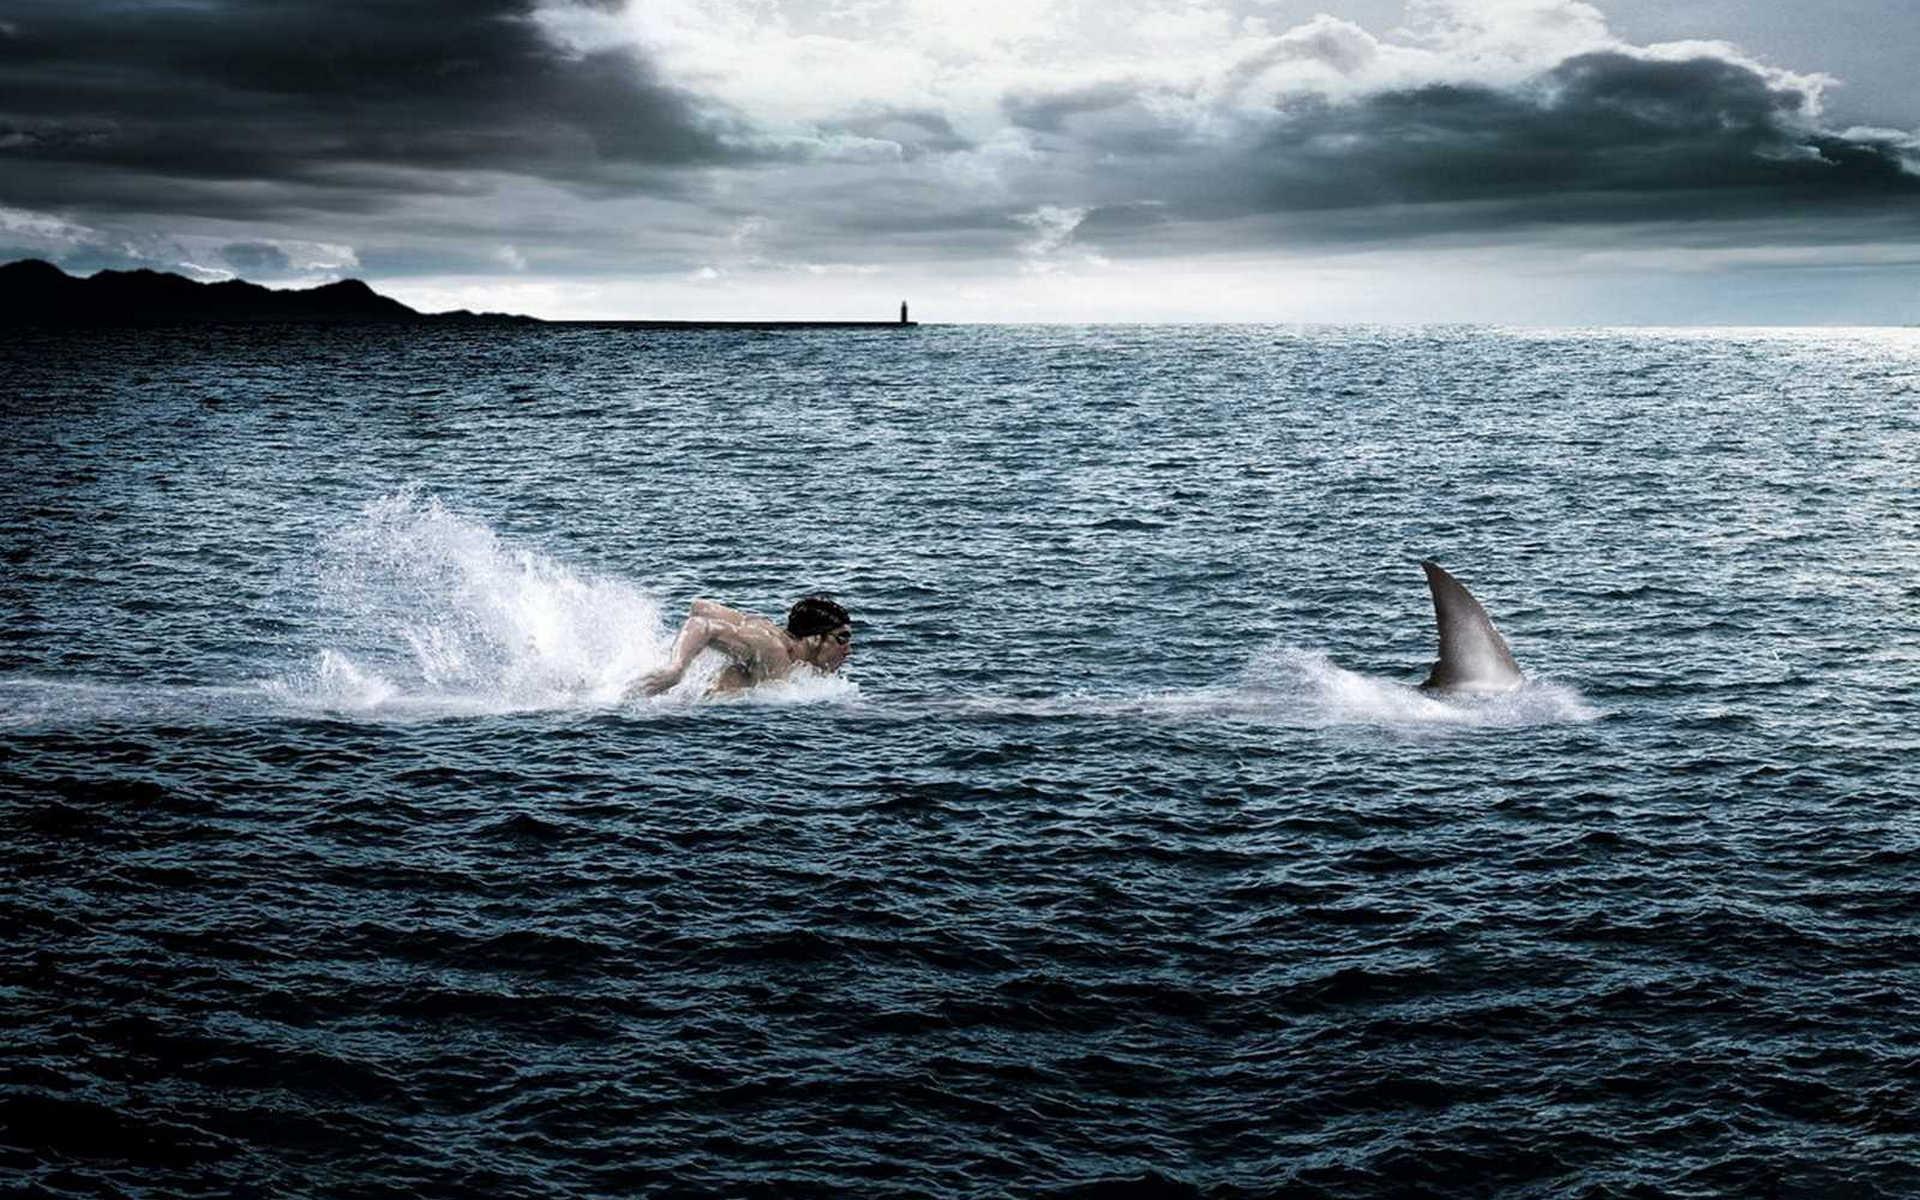 море, акула, плавник